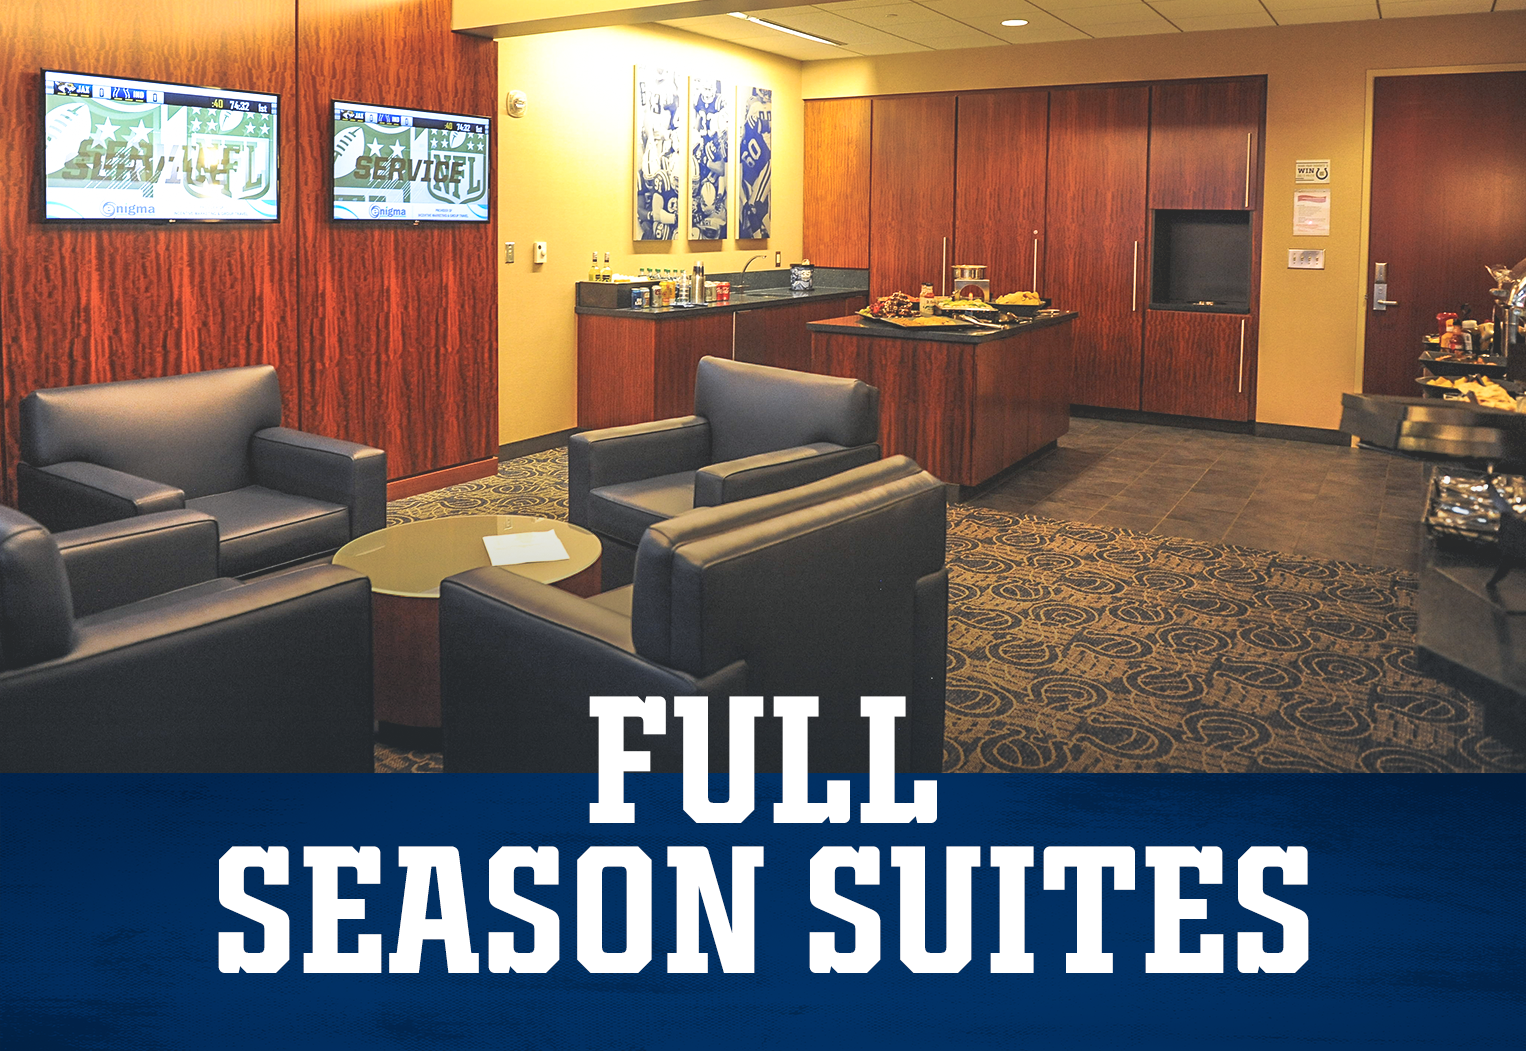 Indianapolis Colts Premium Seating Full Season Suites